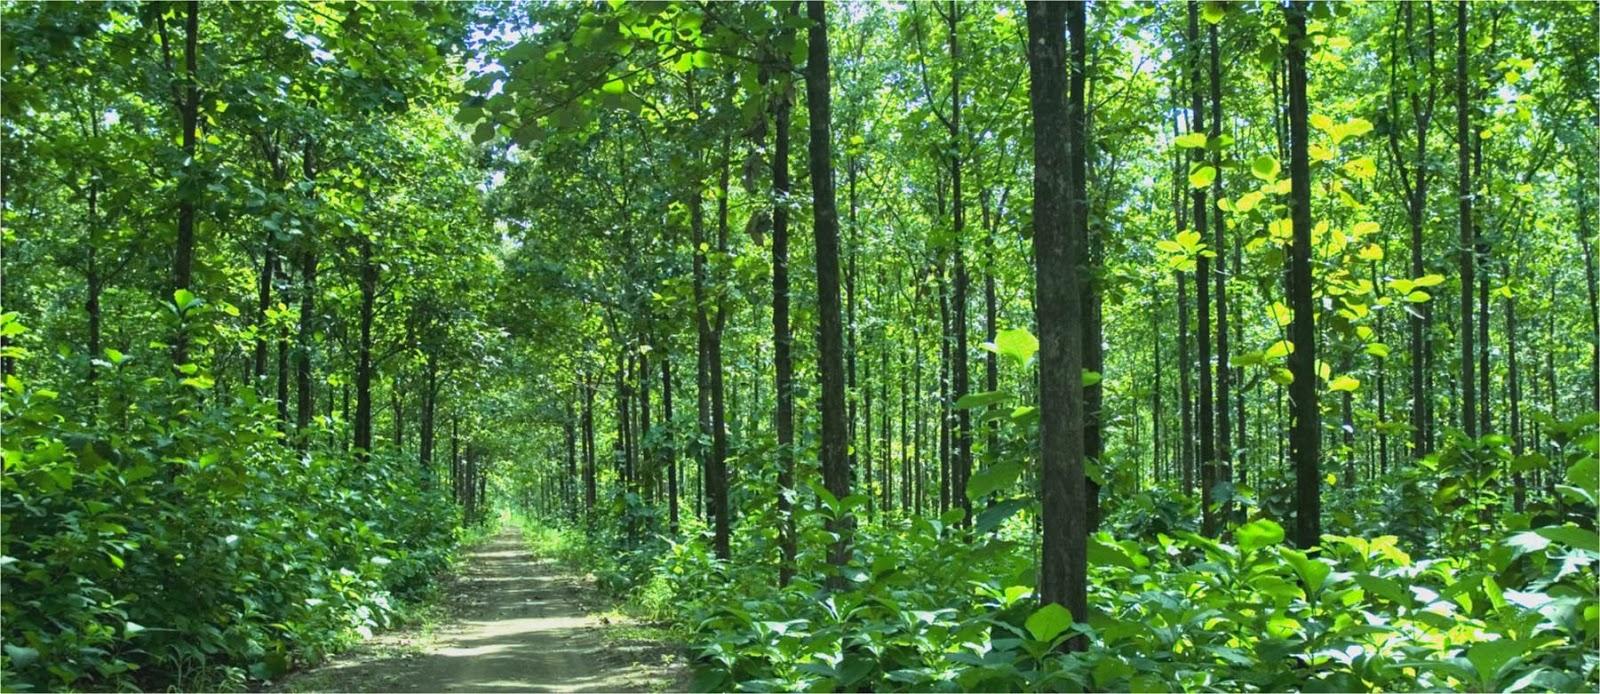 Gambar Hutan Di Kartun